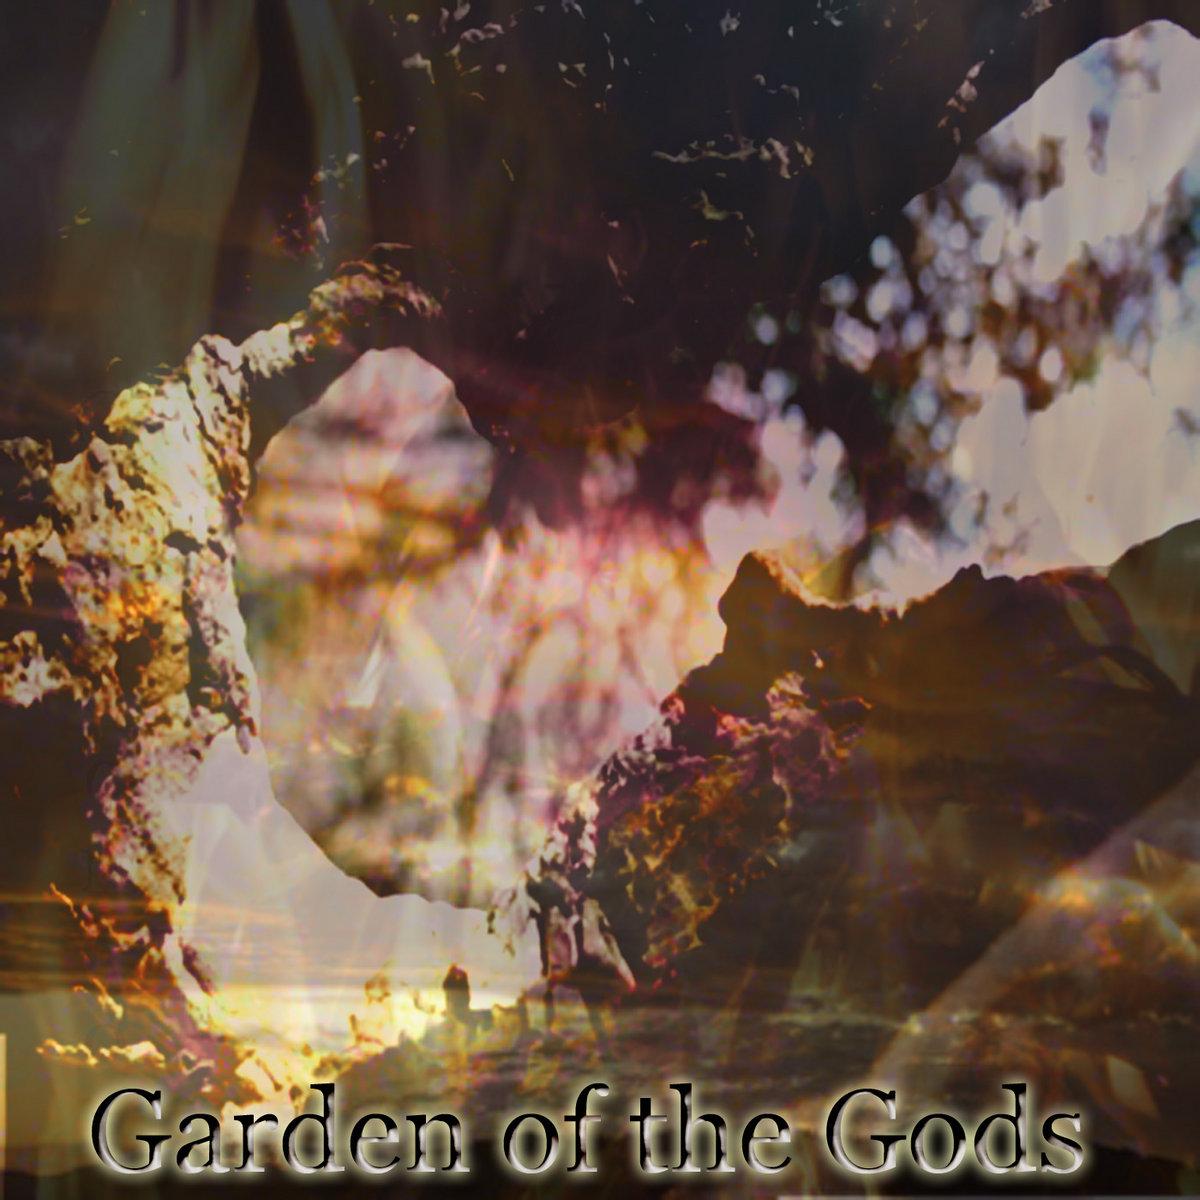 Garden of the Gods | Garden of the Gods